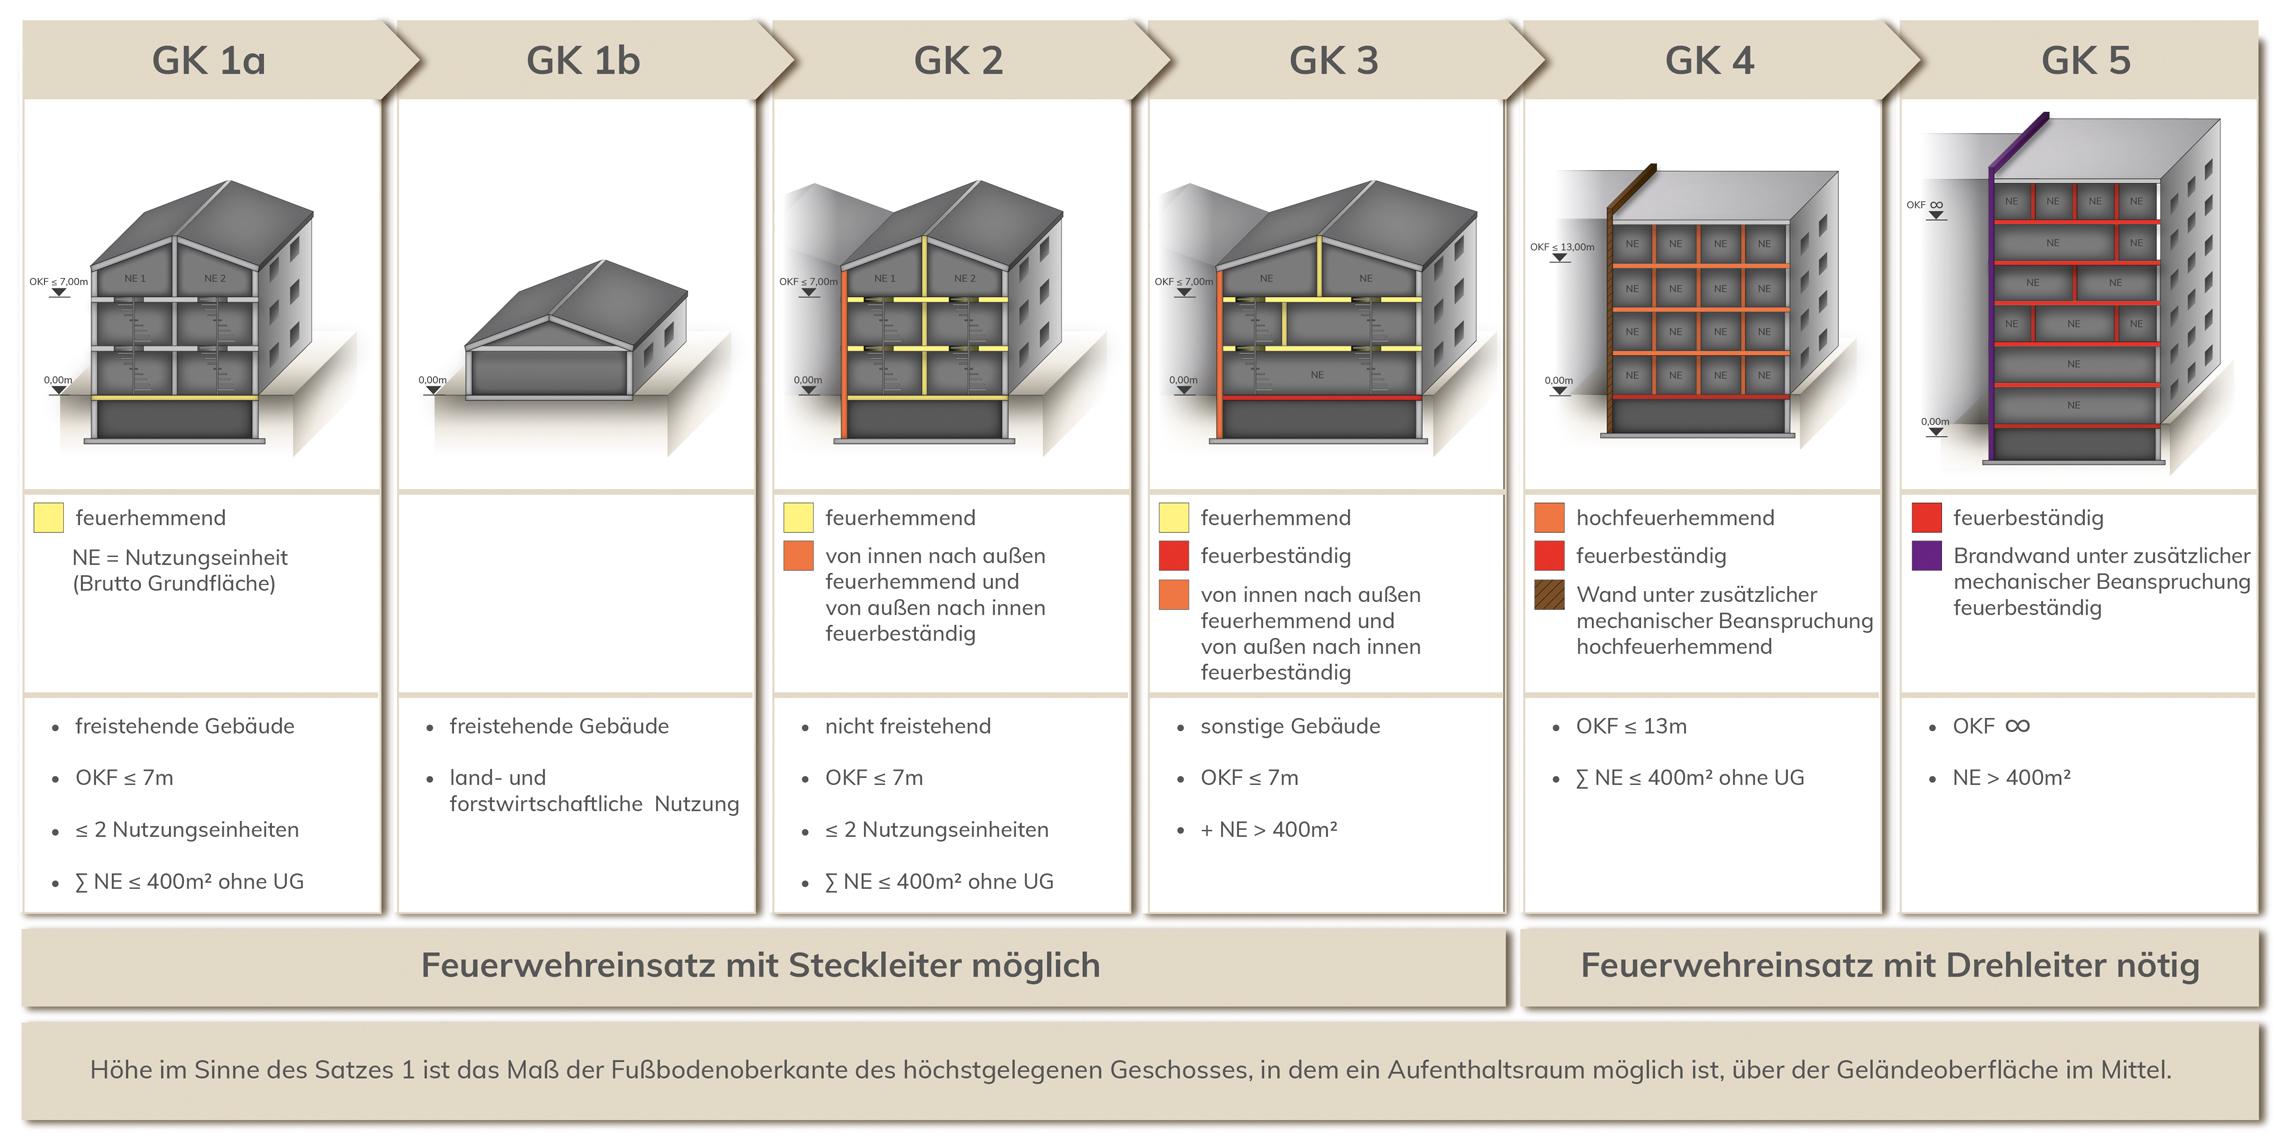 Brandgebäudeklassen_Grafik_2020-Eberl-Pacan Gesellschaft von Architekten mbH